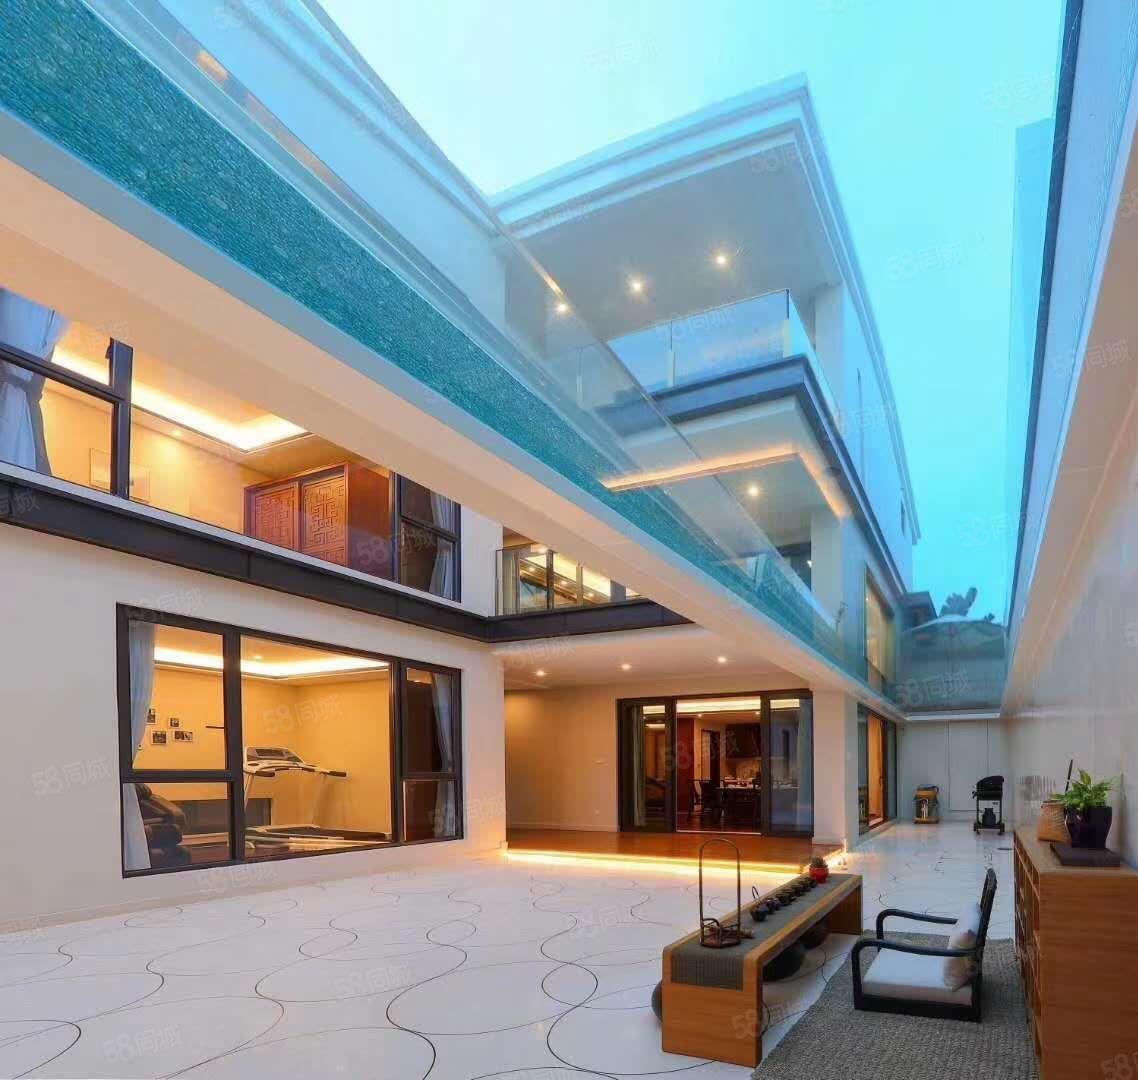 海棠灣(國壽嘉園)近海獨棟精裝別墅,大花園庭院帶泳池內置電梯